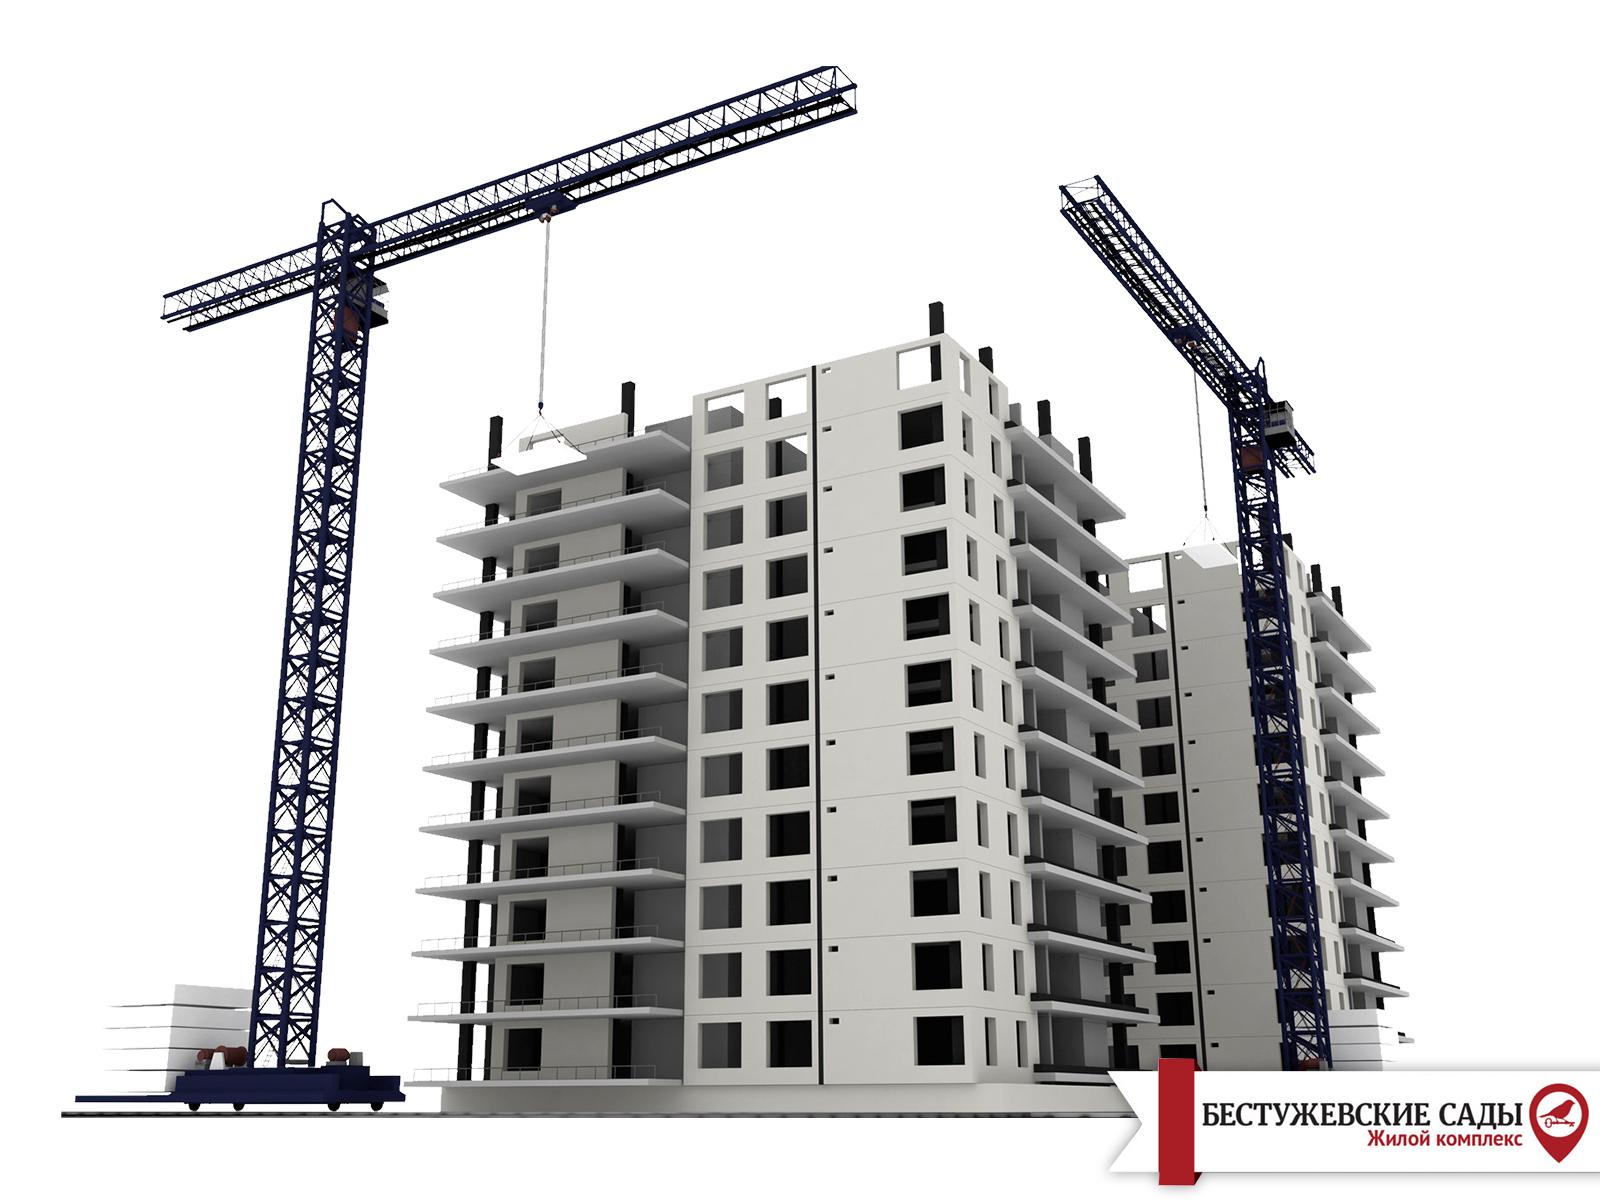 Купівля квартири в споруджуваному будинку або на вторинному ринку: що вибрати?